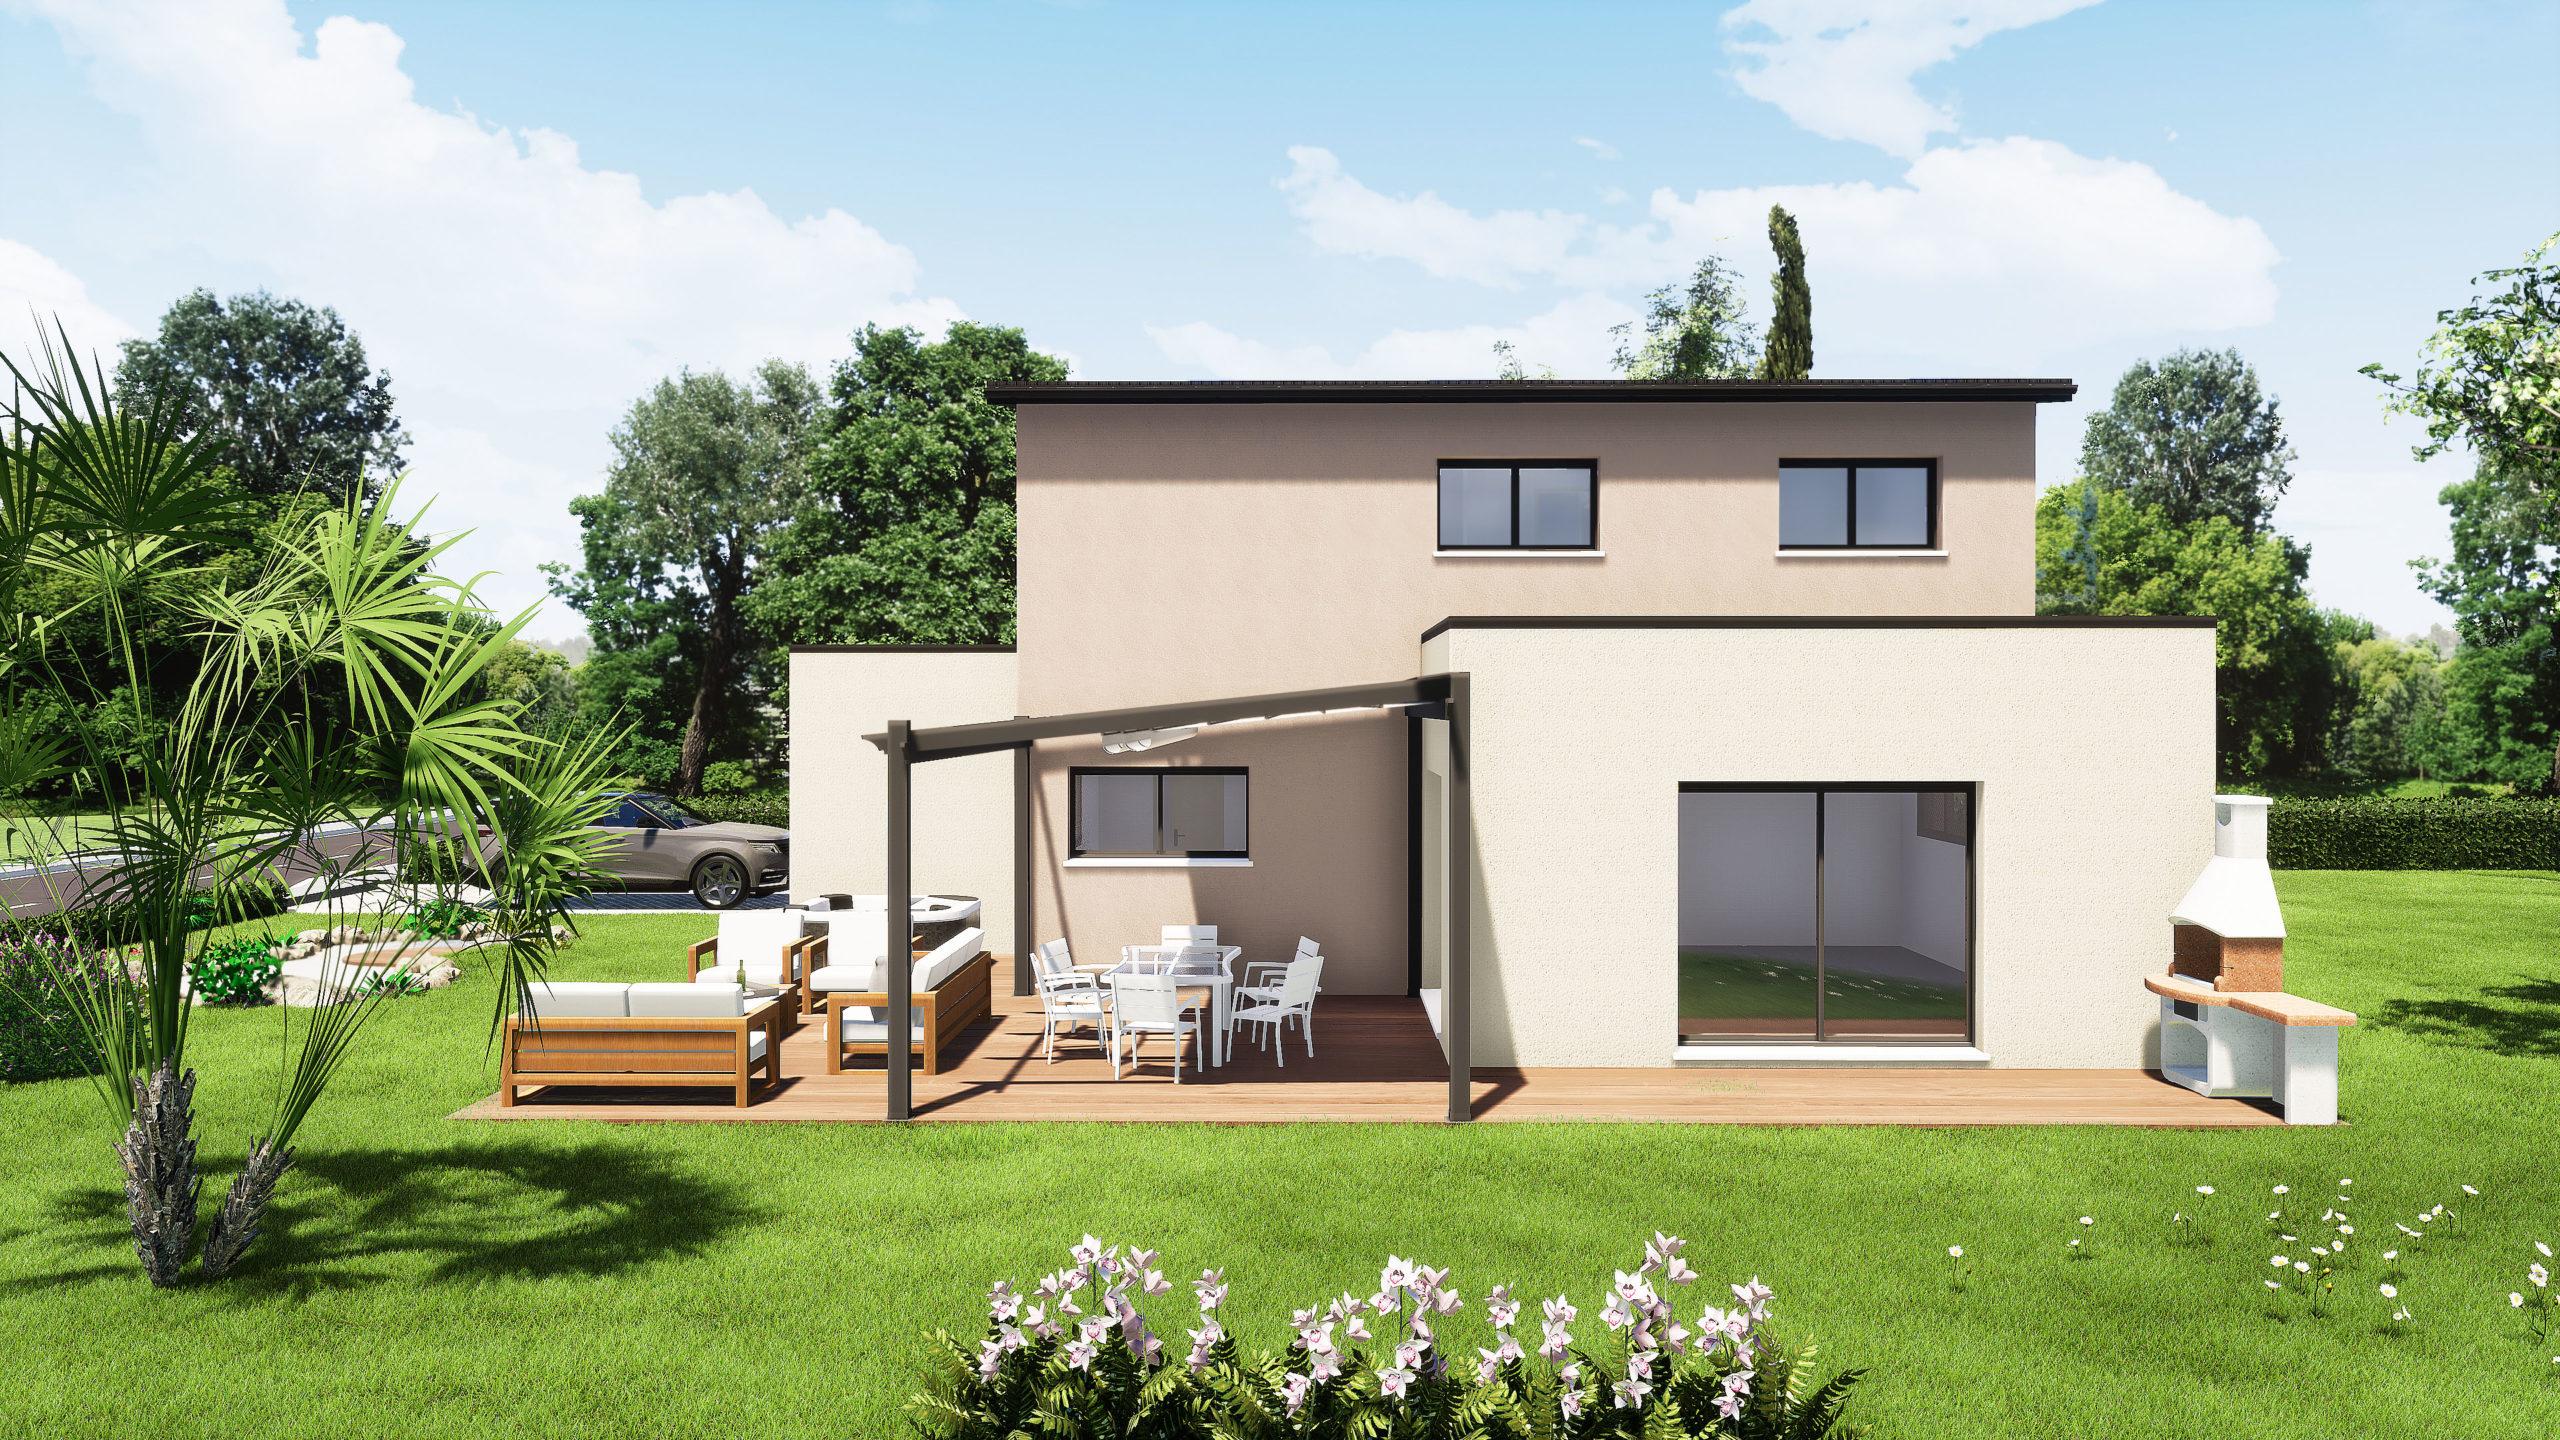 Modèle maisons Sargès-les-le-Mans 72190 façade arrière maison R+1 5 chambres constructeur maison le mans constructeur maison en sarthe maisons LG